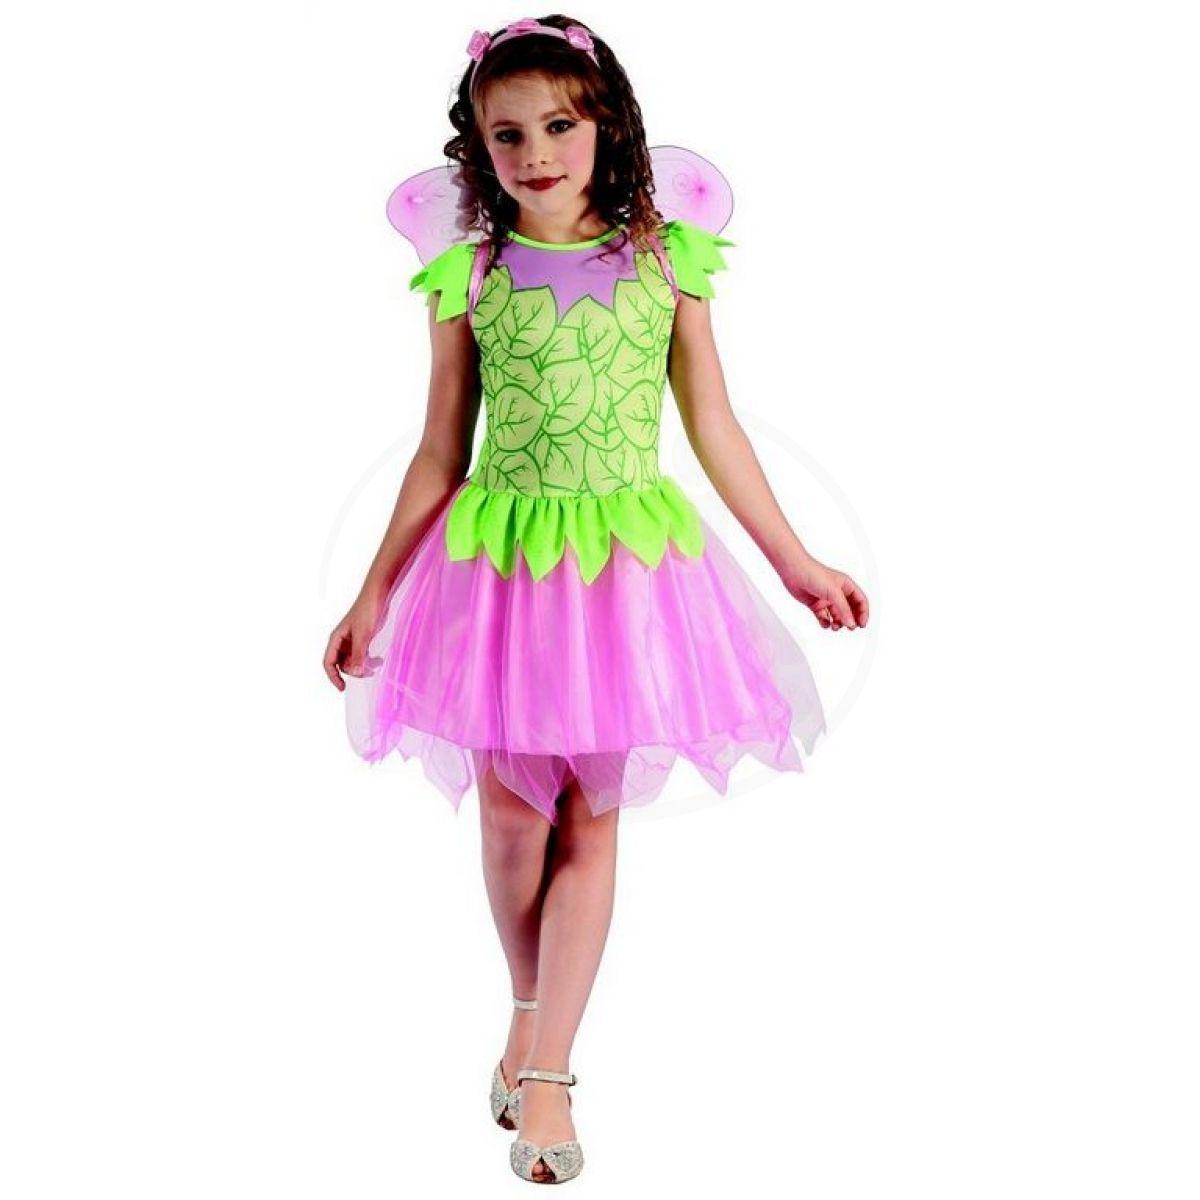 Made Dětský karnevalový kostým víla 120-130 cm b9b0b78f7a4